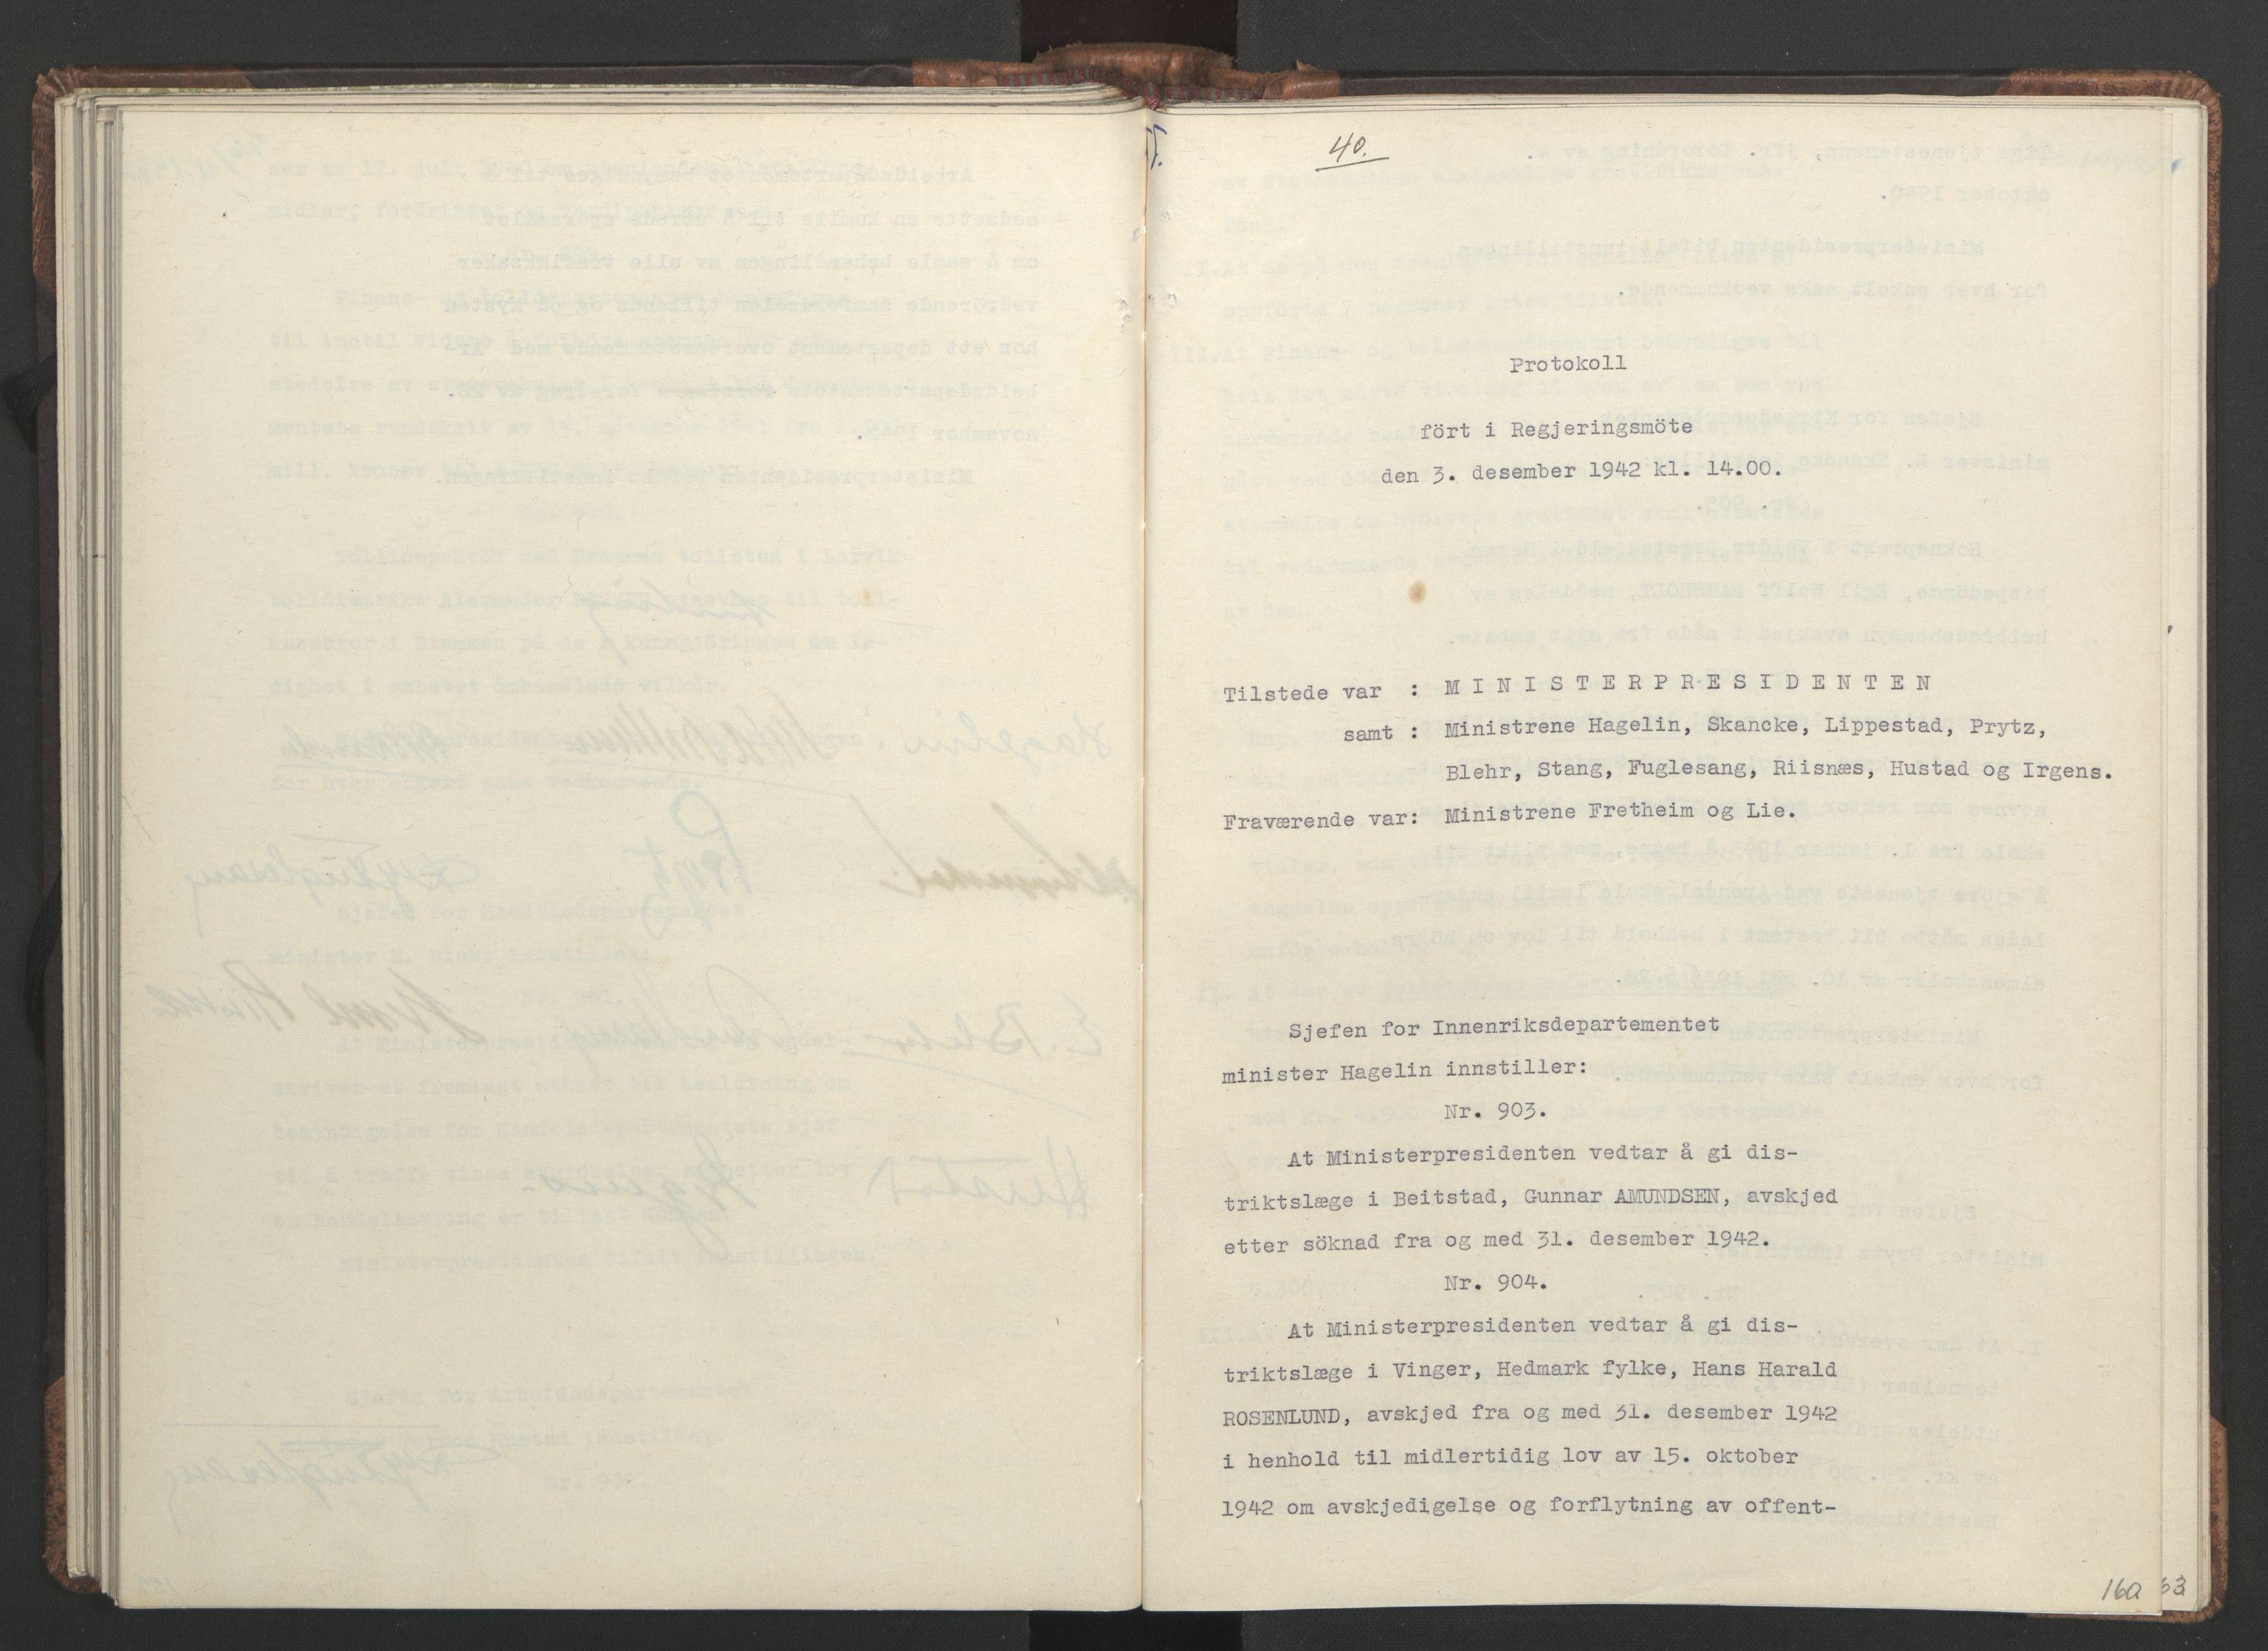 RA, NS-administrasjonen 1940-1945 (Statsrådsekretariatet, de kommisariske statsråder mm), D/Da/L0001: Beslutninger og tillegg (1-952 og 1-32), 1942, s. 159b-160a